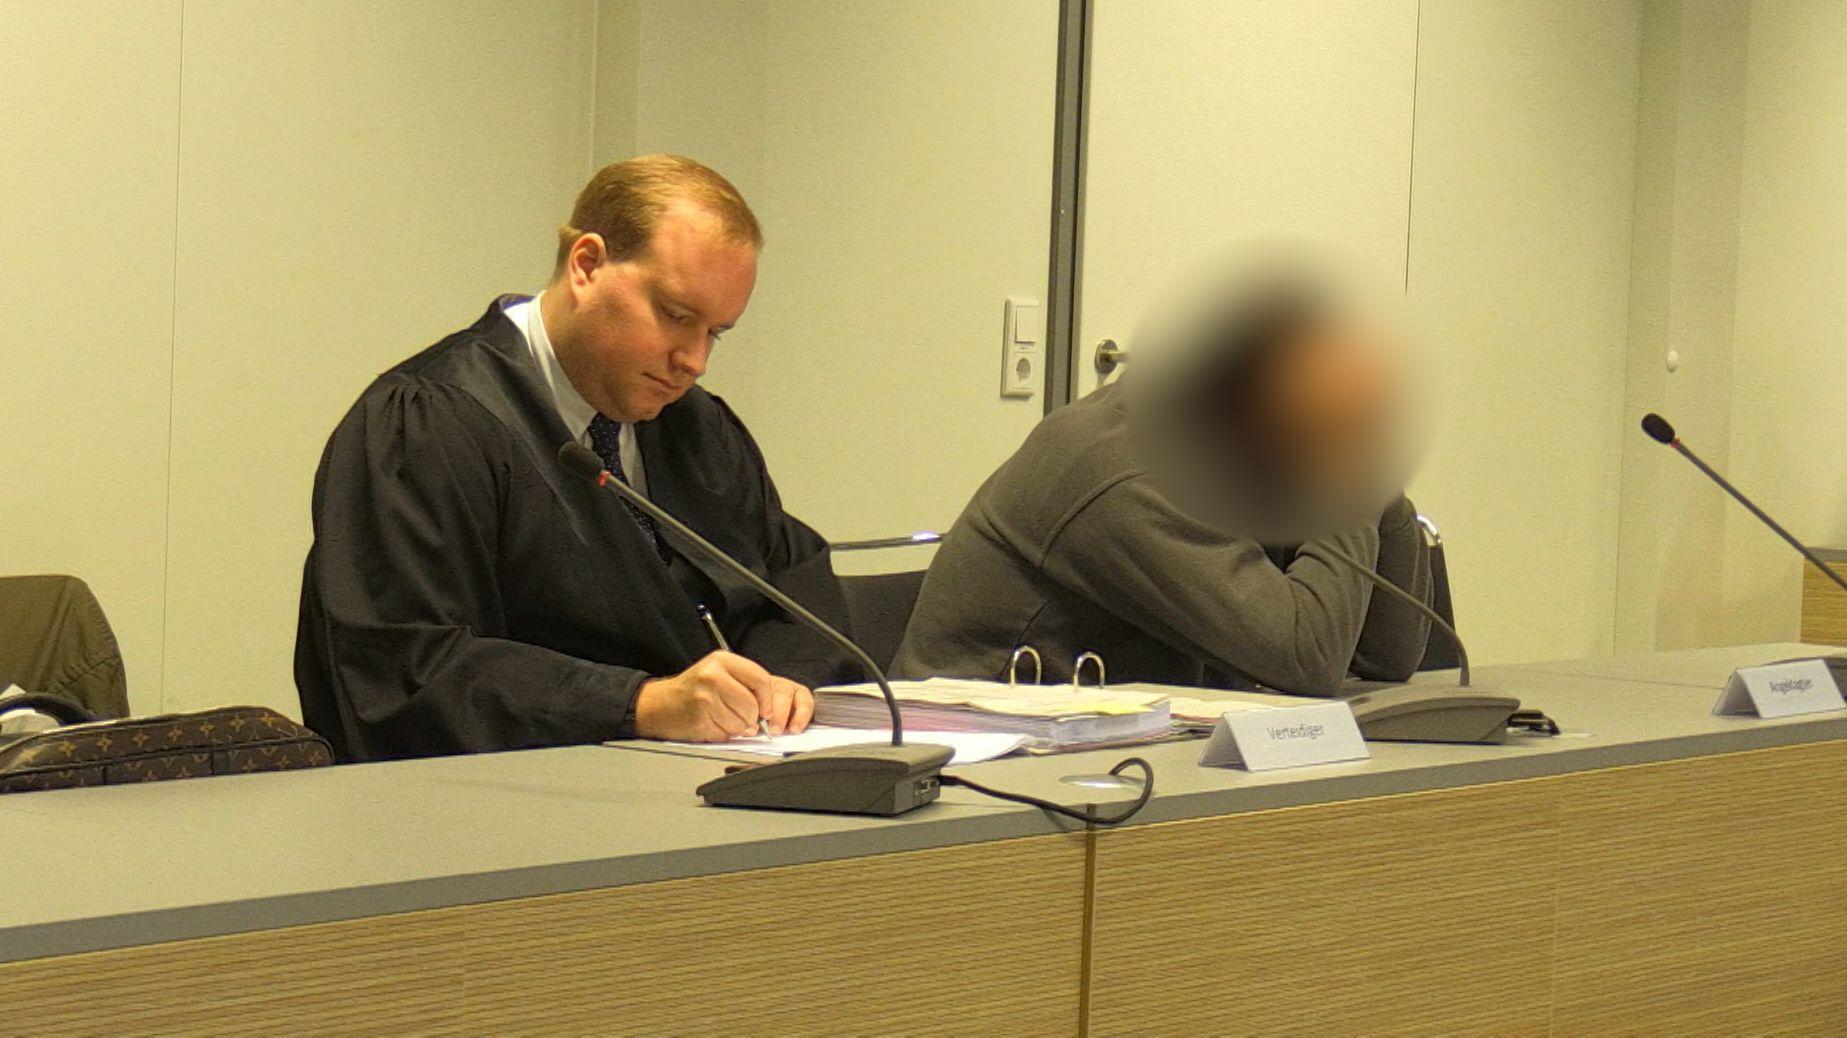 Aschaffenburg: Ex-Jugendtrainer gesteht Missbrauch weitgehend